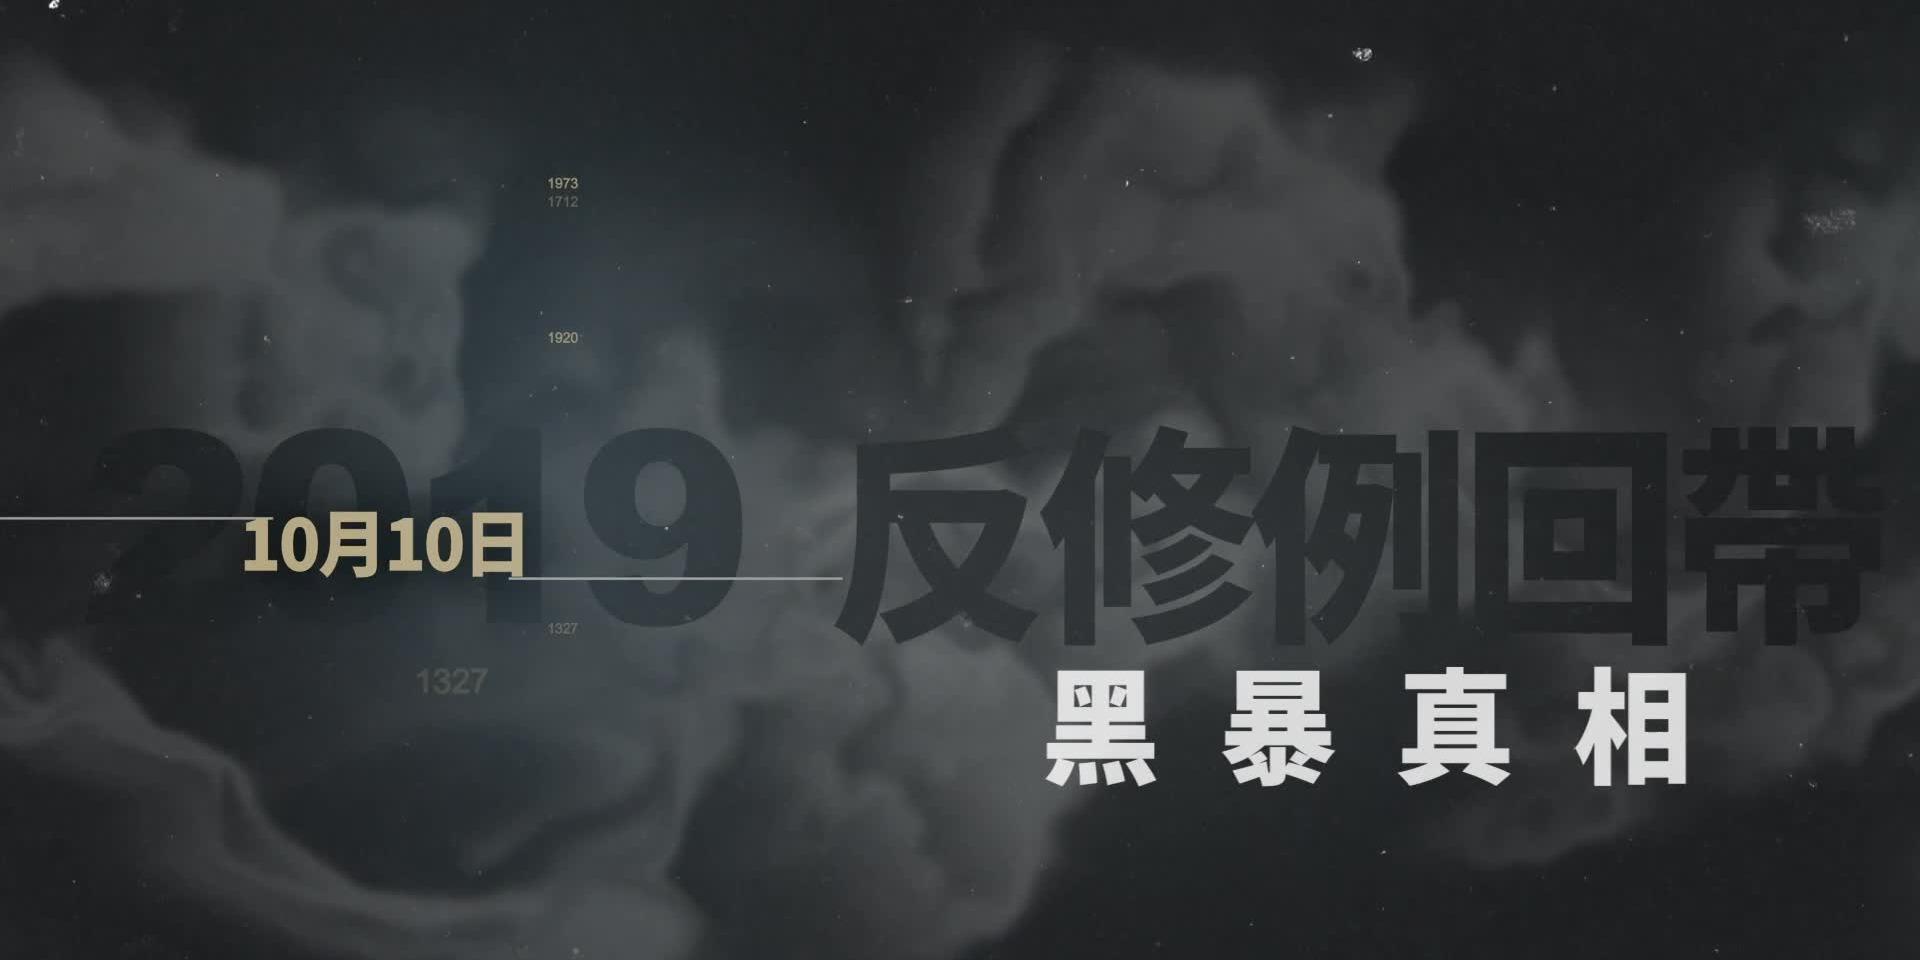 【反修例黑暴真相】EP36中大學生禁錮校長 校園暴力自此升溫